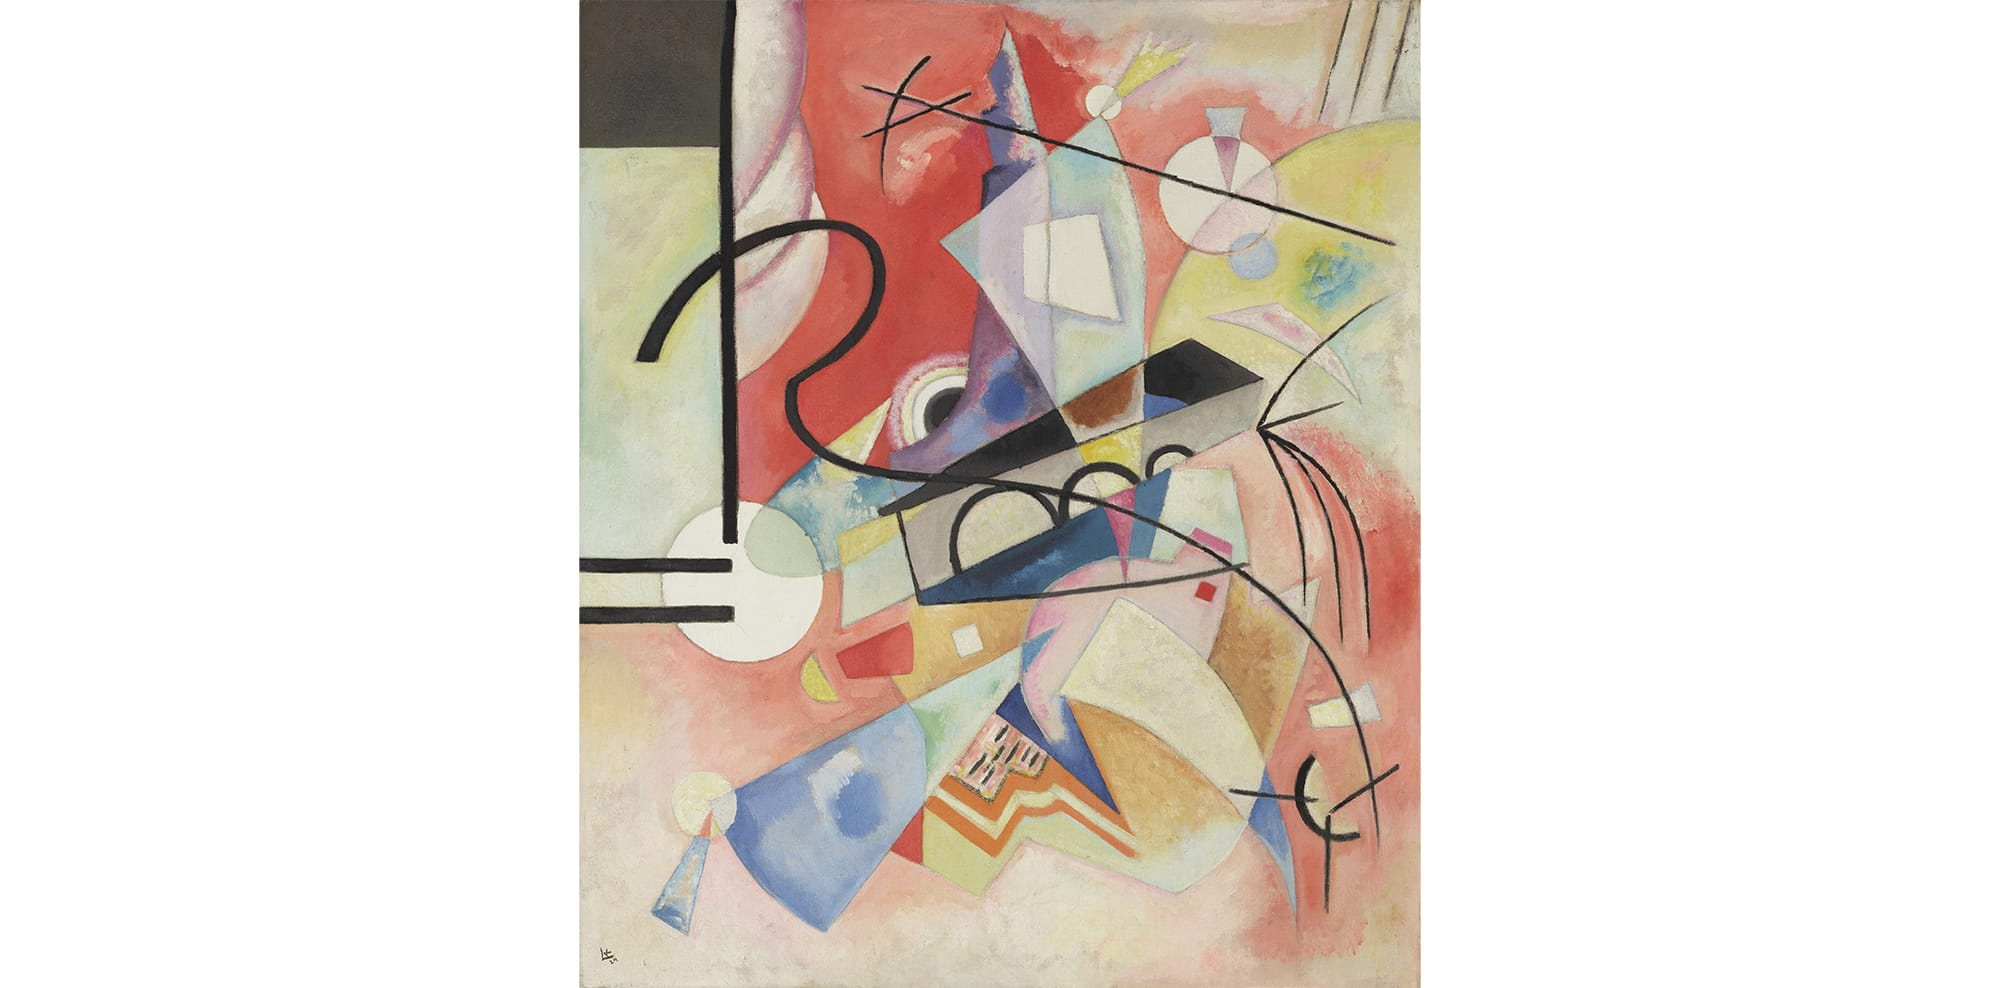 ヴァシリー・カンディンスキー《自らが輝く》1924年 石橋財団アーティゾン美術館蔵(新収蔵作品)